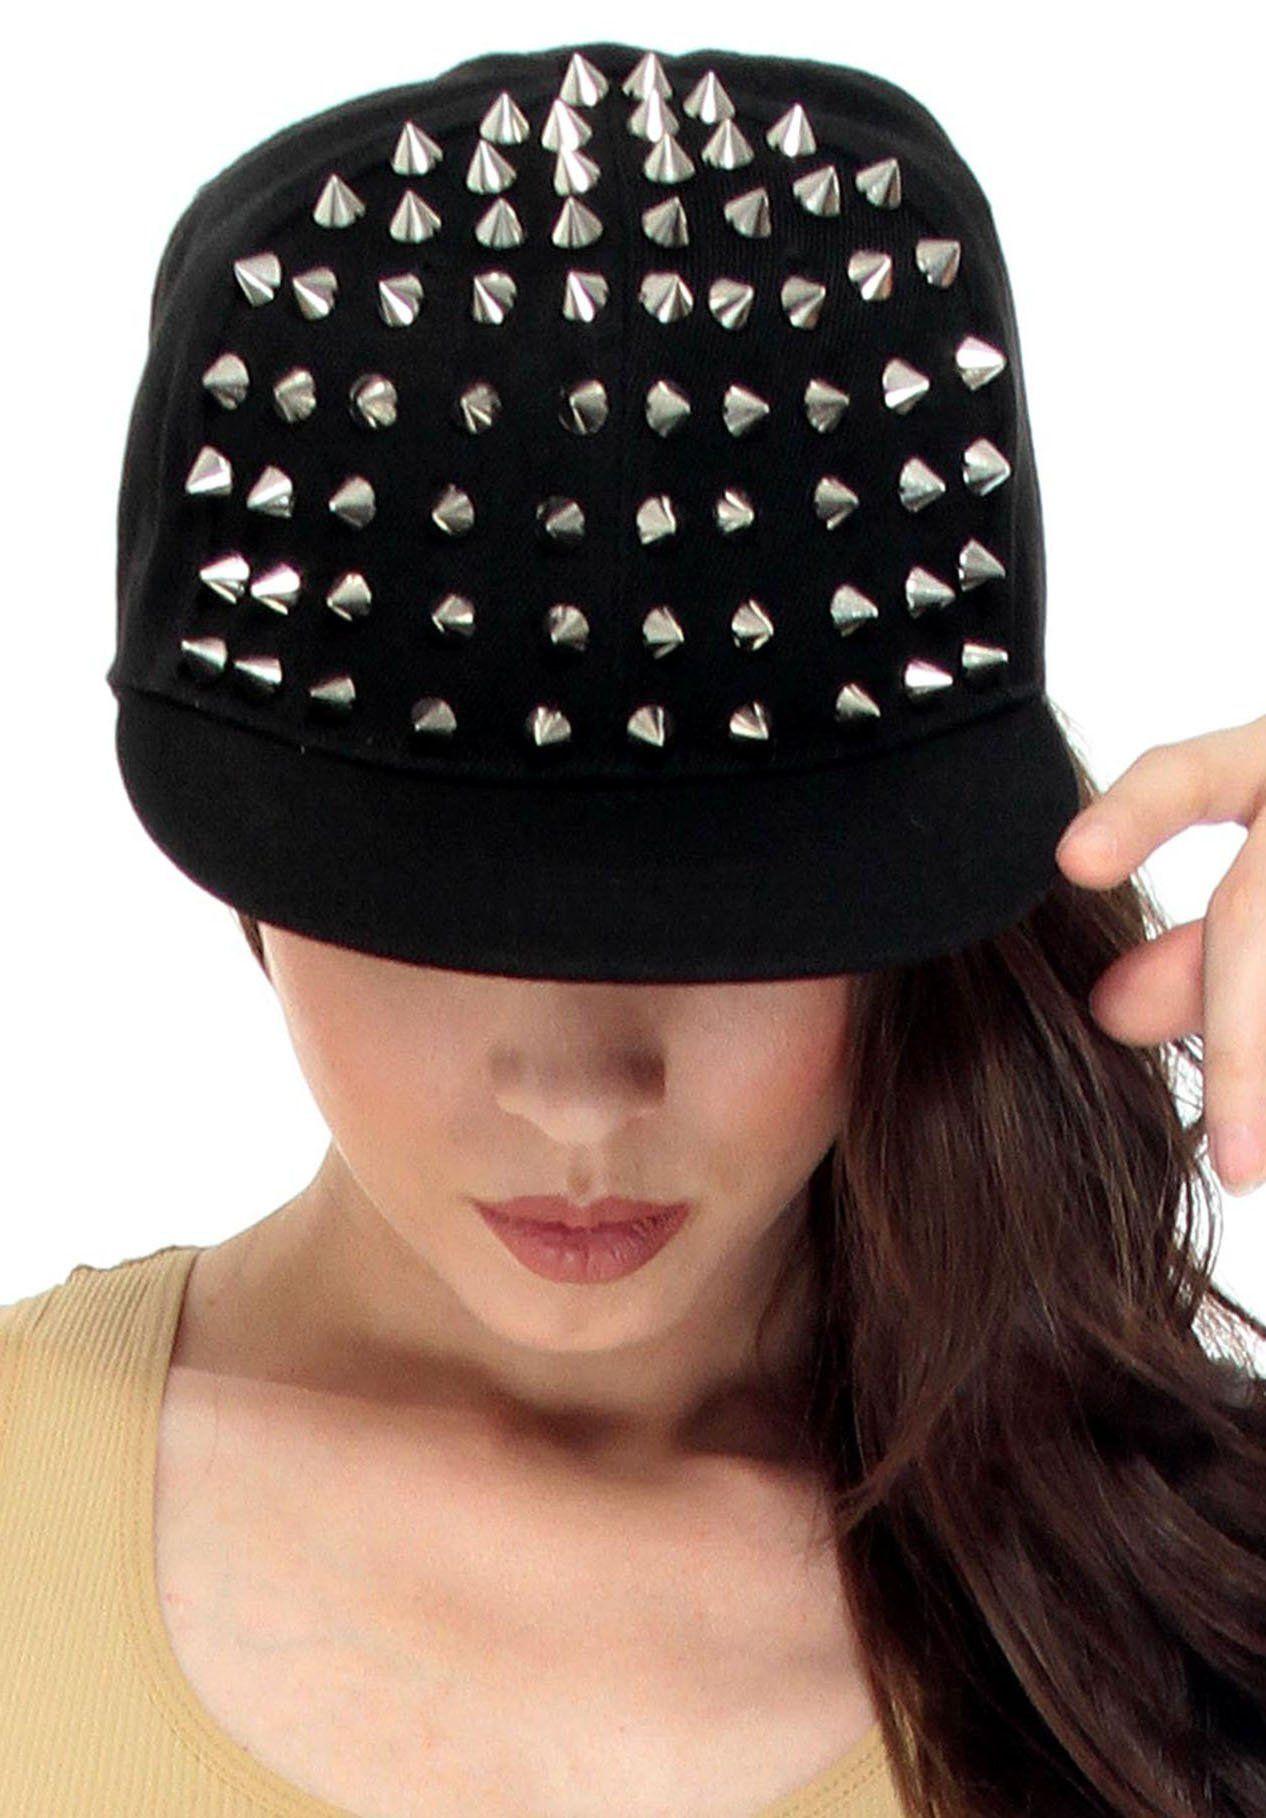 36d4d7a88623c Simplicity Men   Women s Punk Rock Spiked Studded Baseball Hat ...